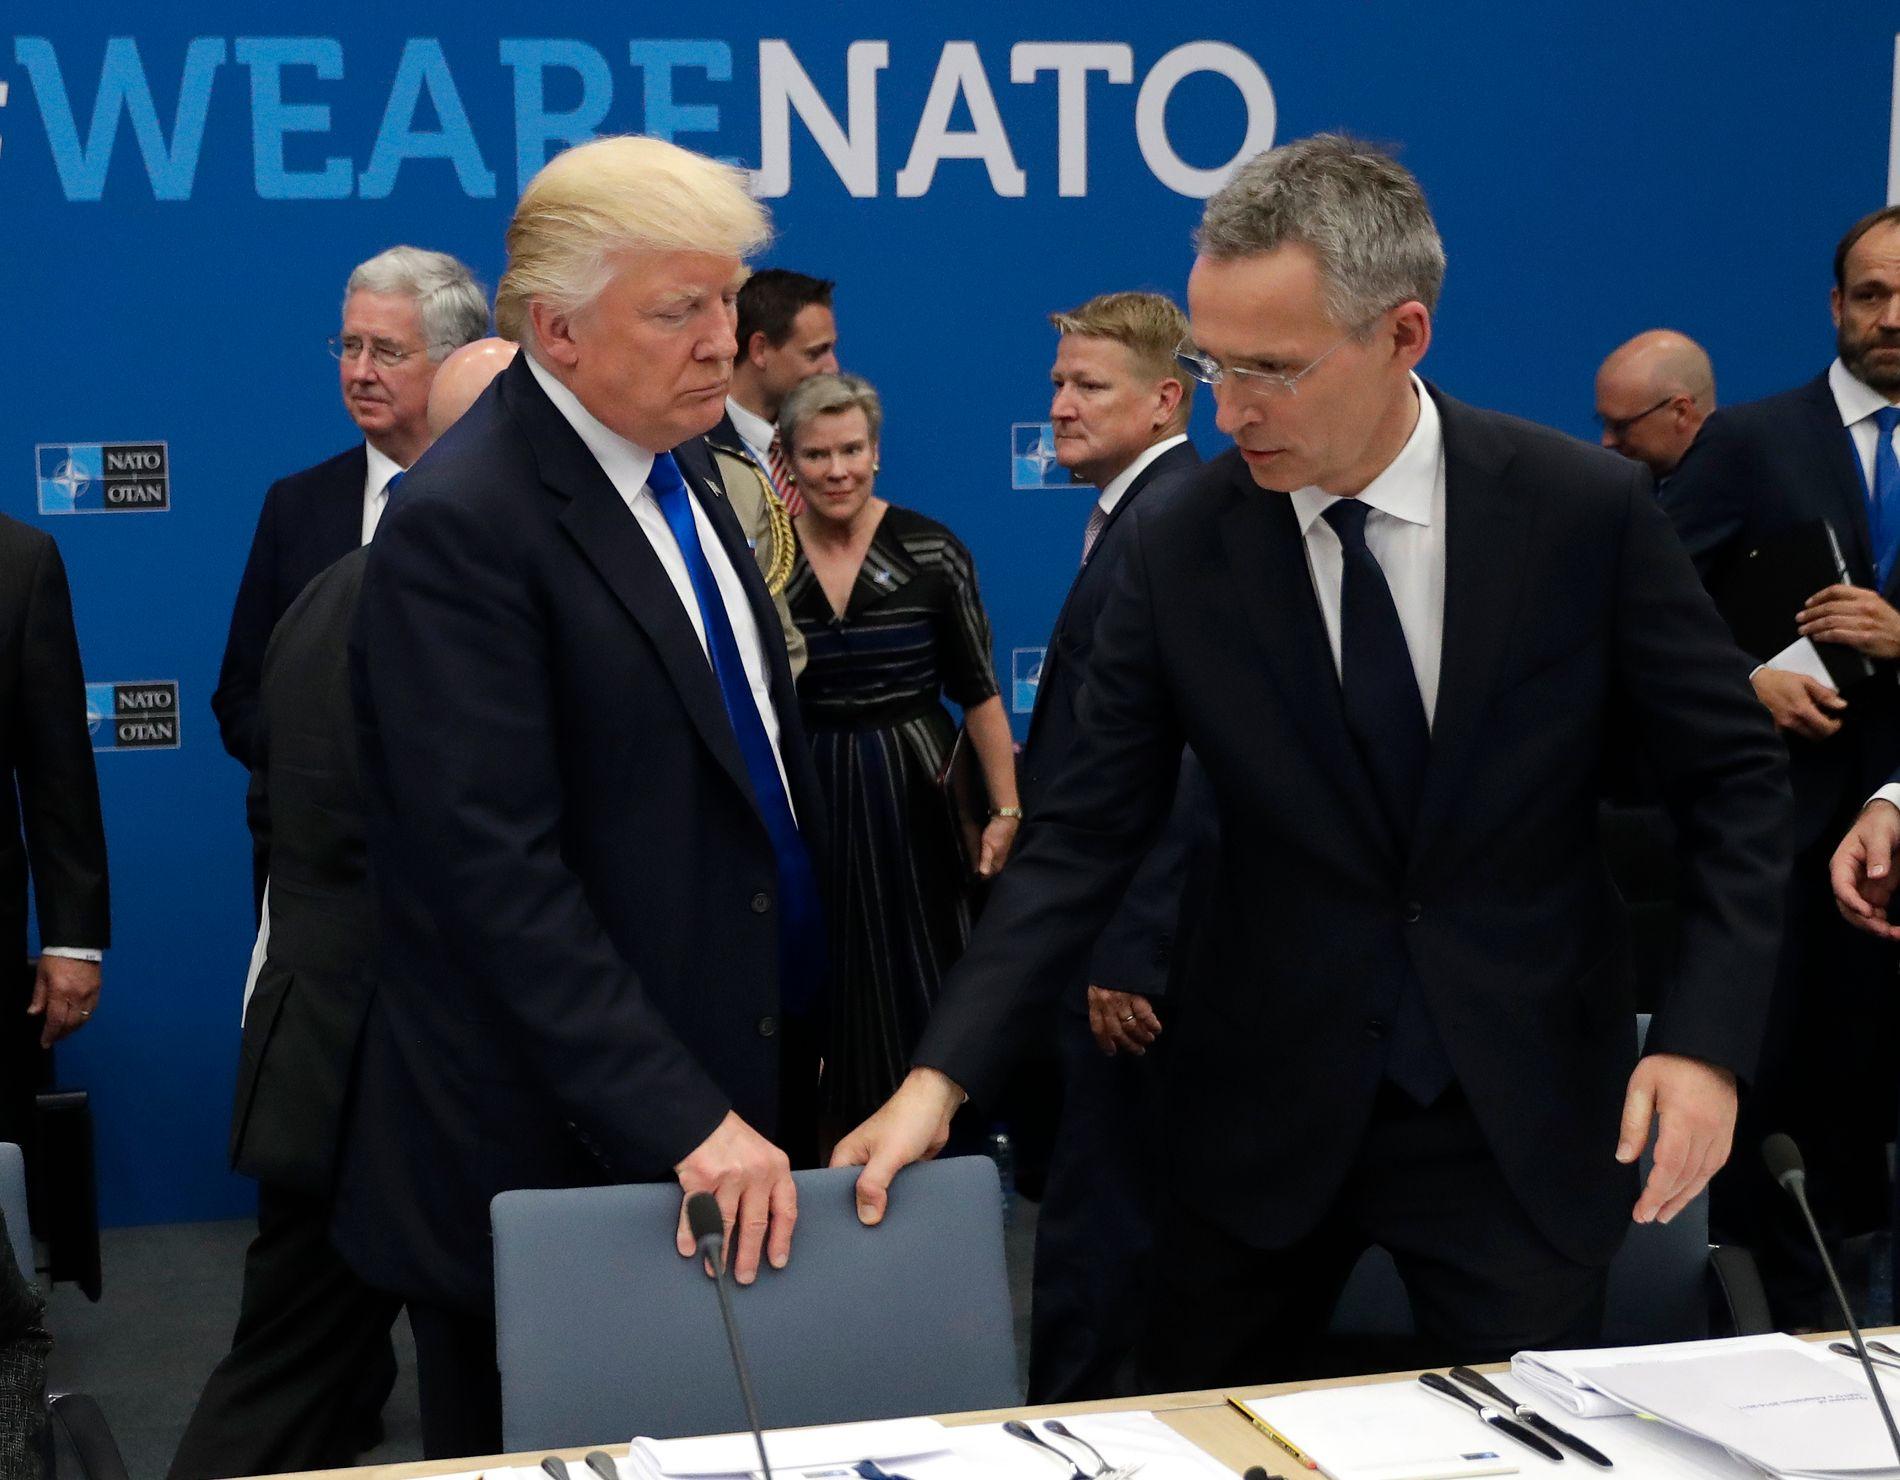 NATO-RABALDER: USAs president Donald Trump har vær hard i sin kritikk av de andre medlemslandene i NATO, og denne uken får Stoltenberg ansvaret for å holde medlemslandene samlet på tross av uenighetene. Her fra et treff i mai i fjor.